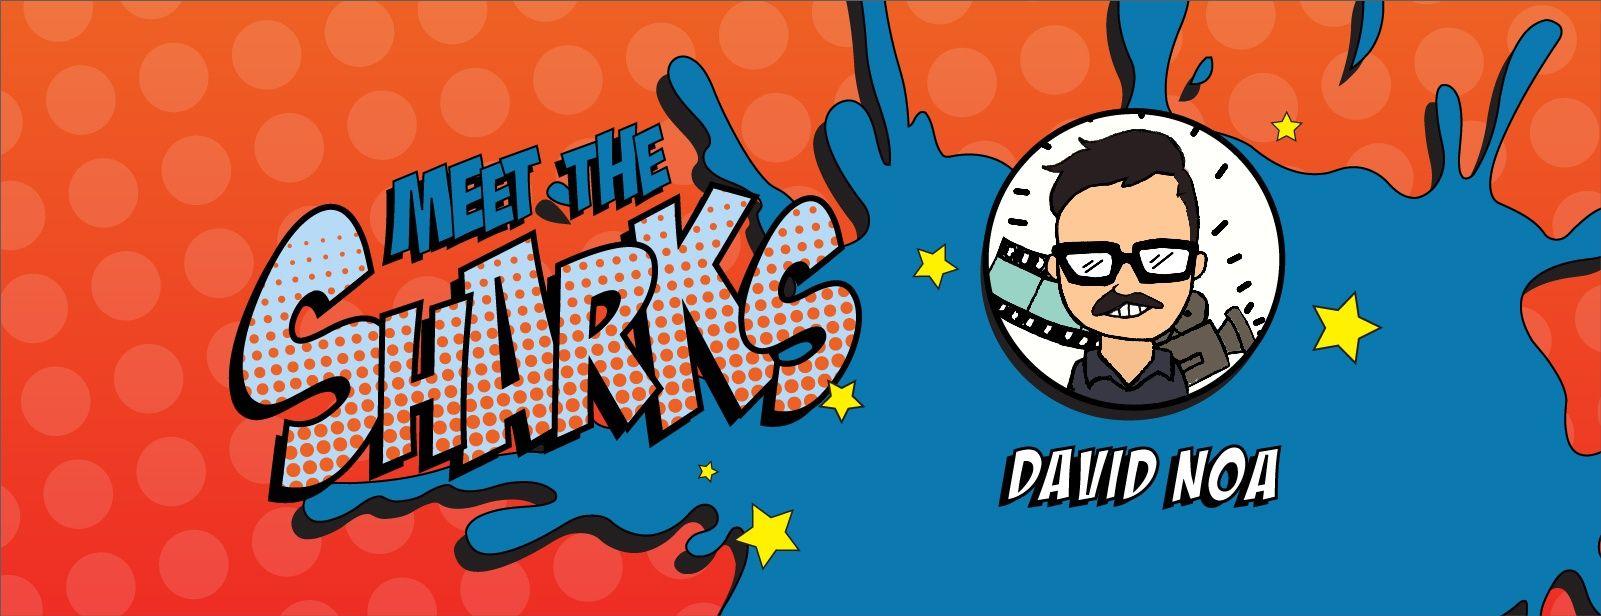 Meet_The_Sharks_David.jpg